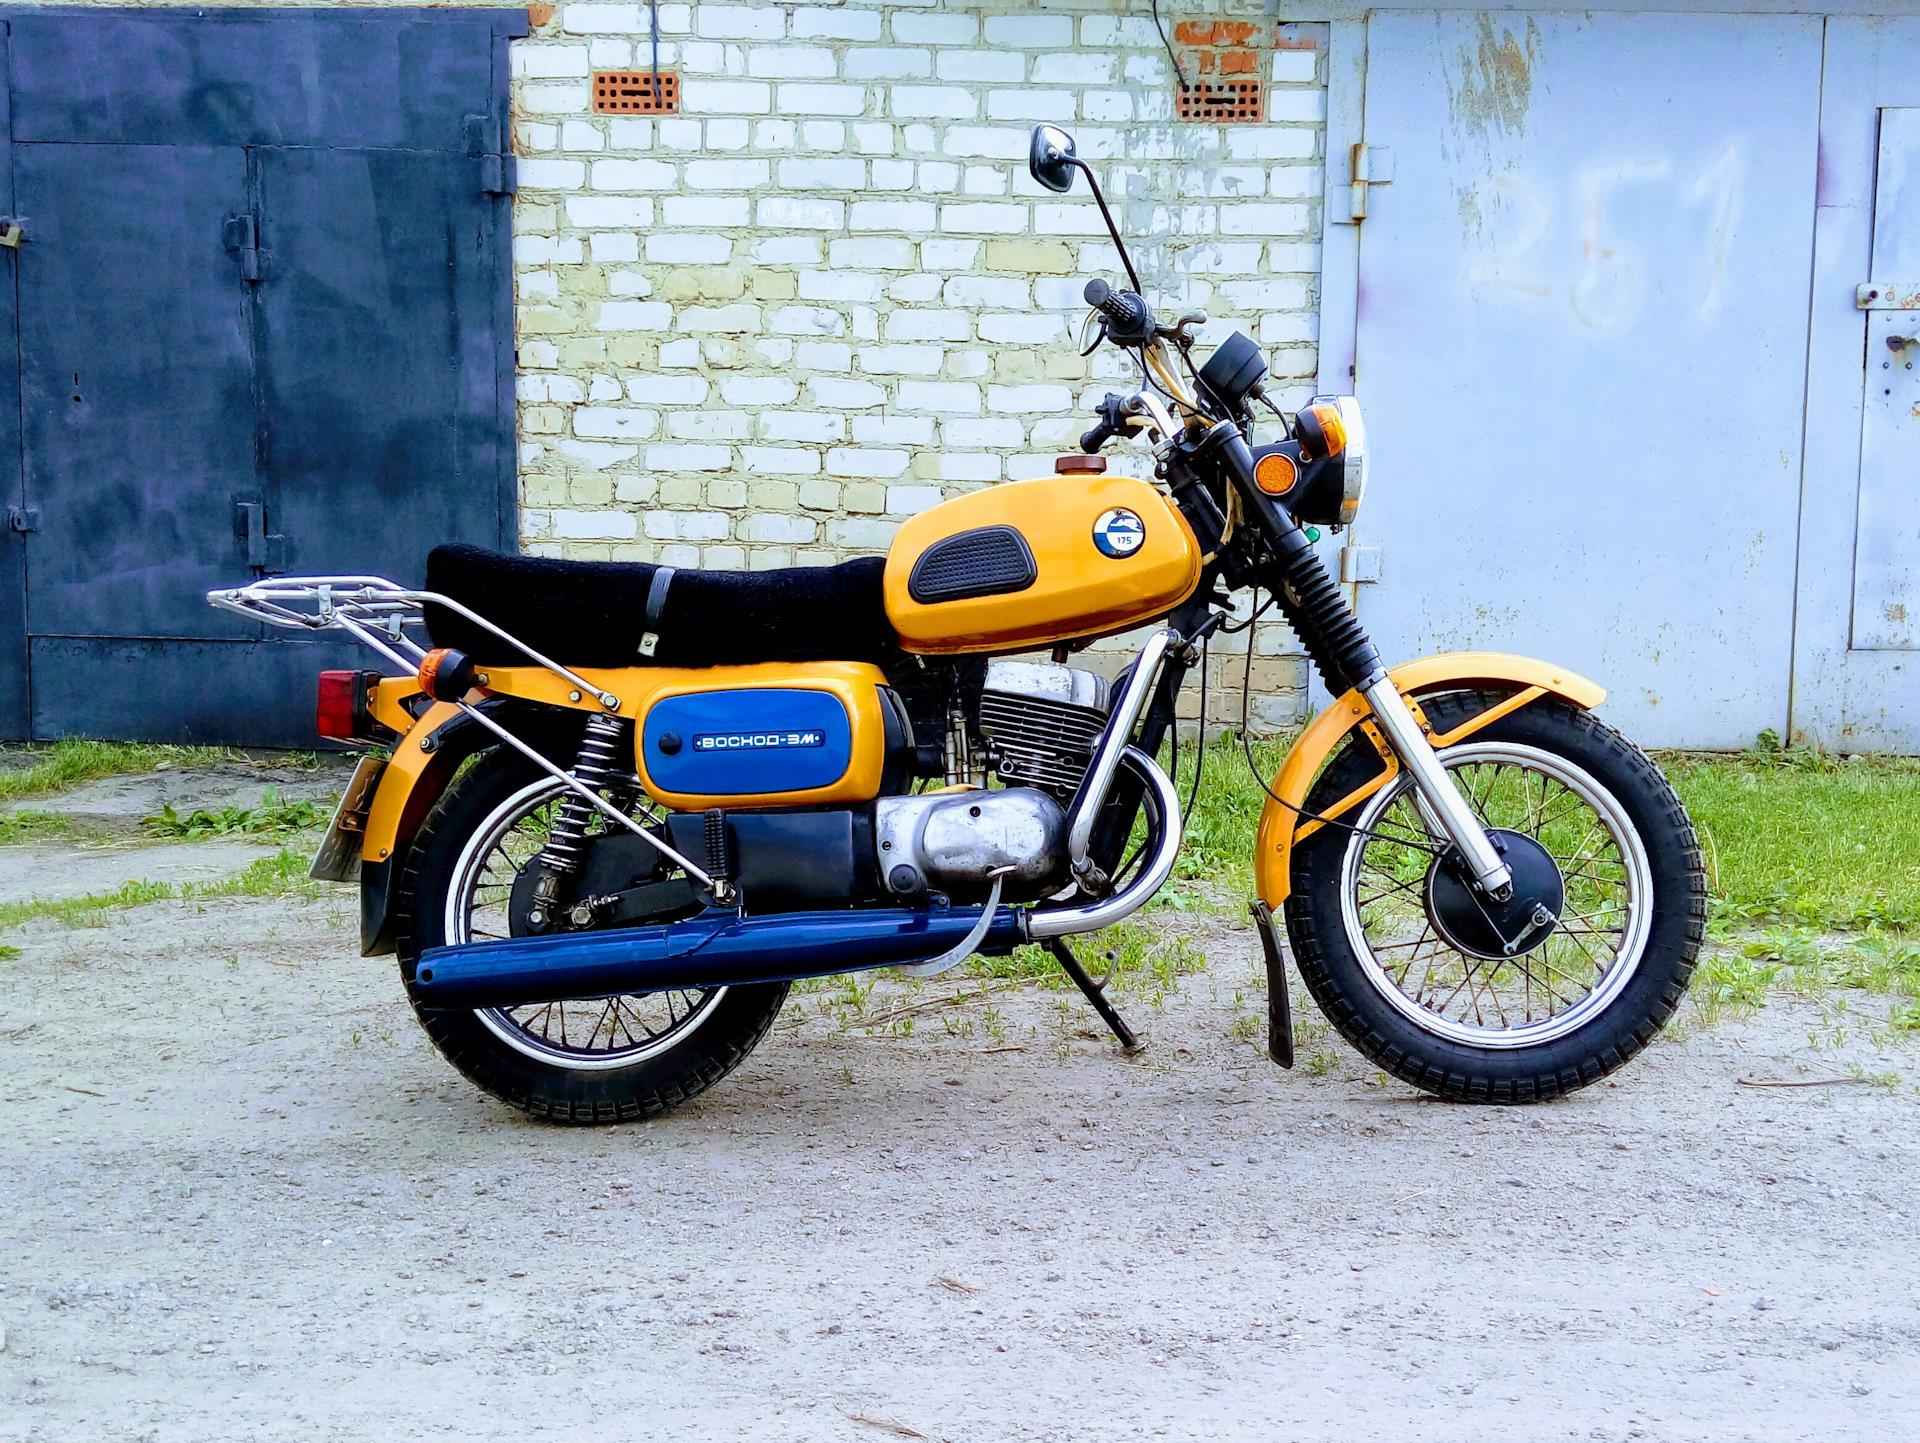 картинки про восхода мотоцикла этом месте проходит